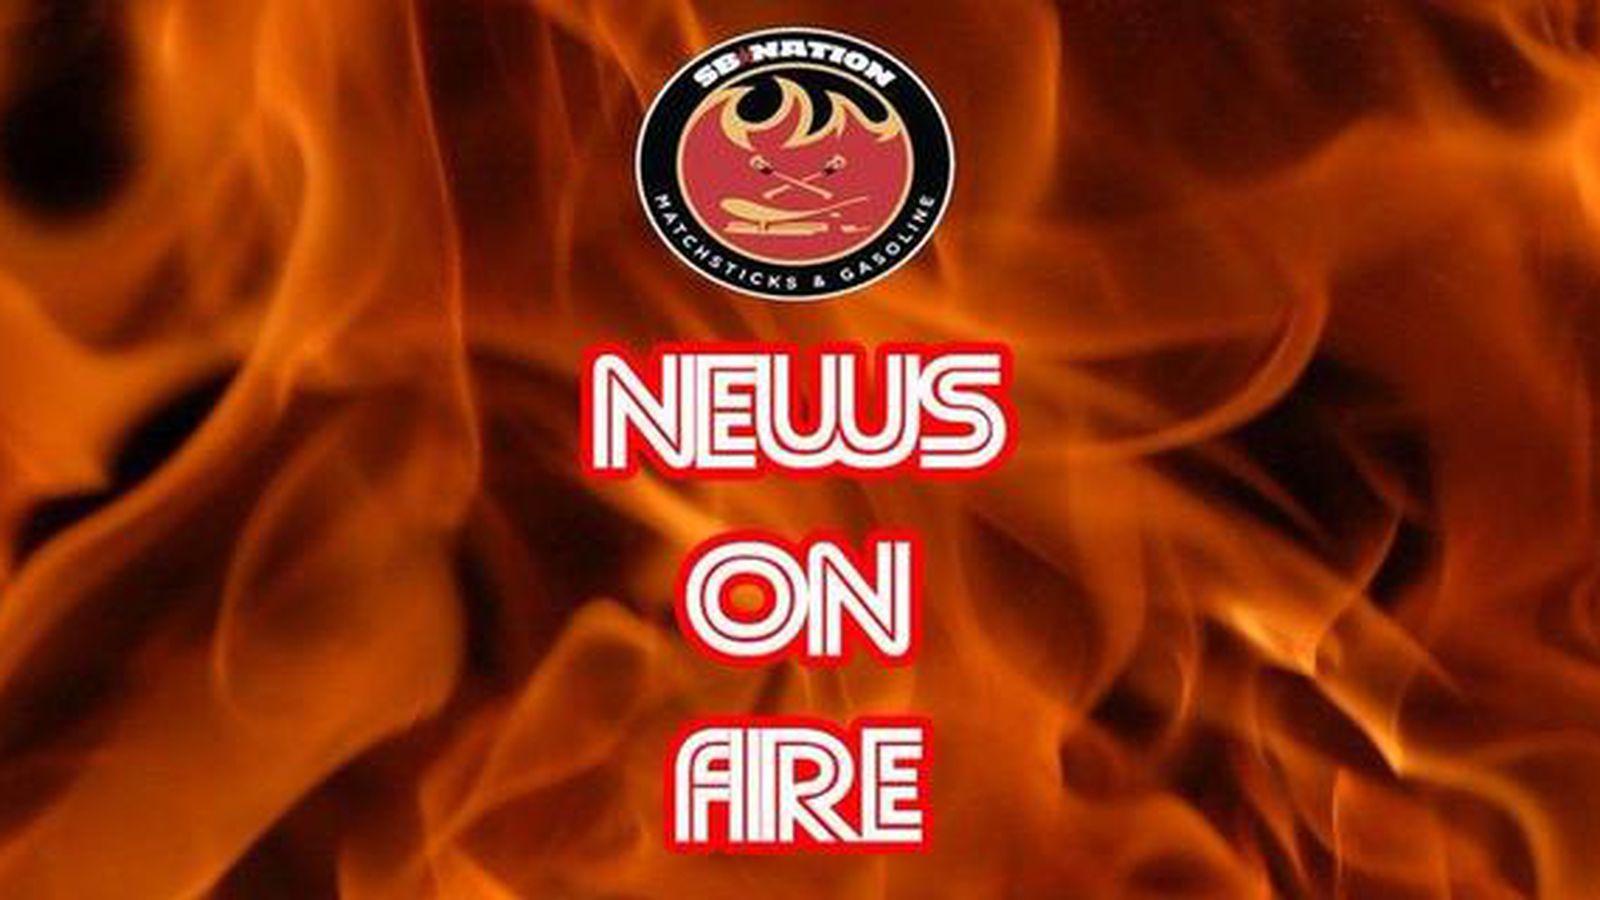 News_on_fire.0.0